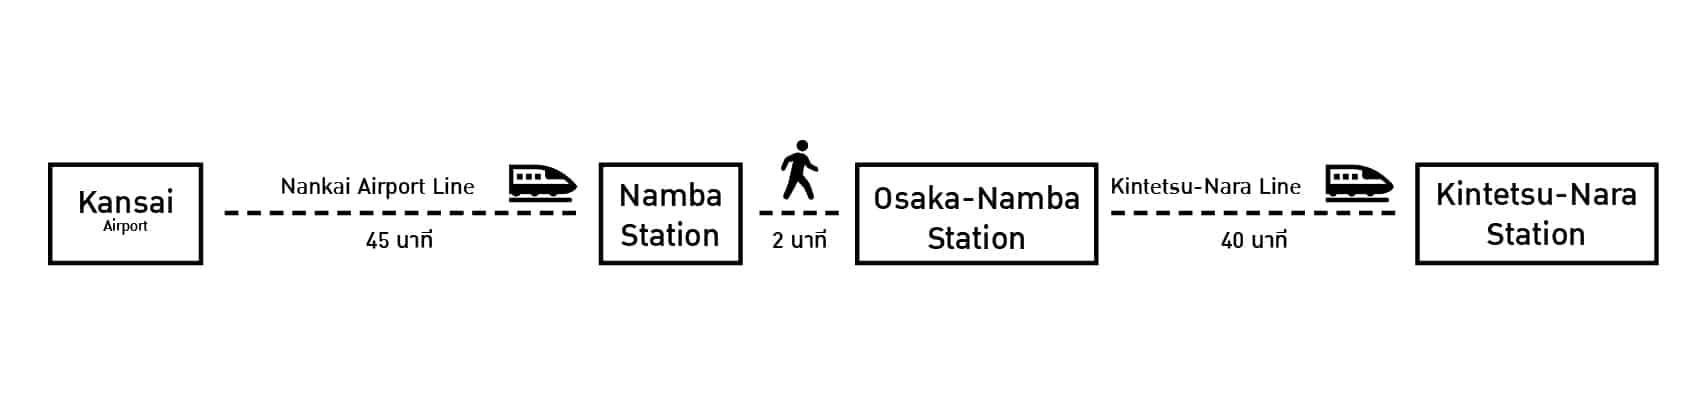 การเดินทางจากสนามบินคันไซ ไปยังสถานทีรถไฟคินเท็ตสึเมืองนารา